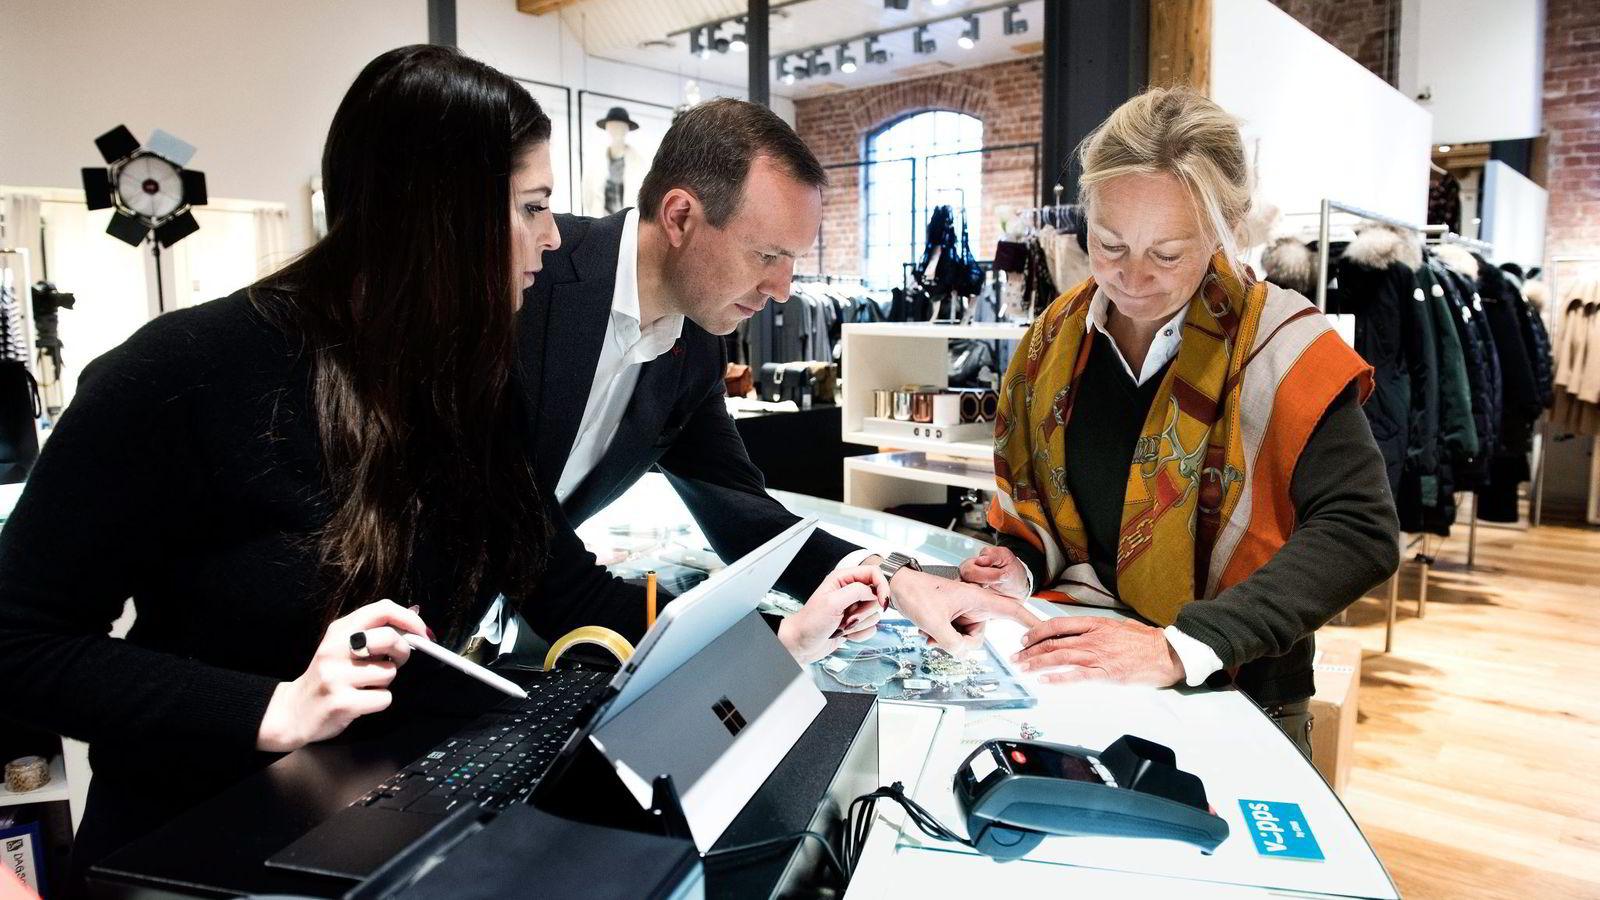 Hos klesbutikken Høyer betaler Bente Holby (til høyre) for nye sko og genser med mobilappen Vipps. Butikkmedarbeider Isabel Soler opplever at kundene er positive, og Høyers finansdirektør Inge Nygaard vil ha teknologien i alle butikker.